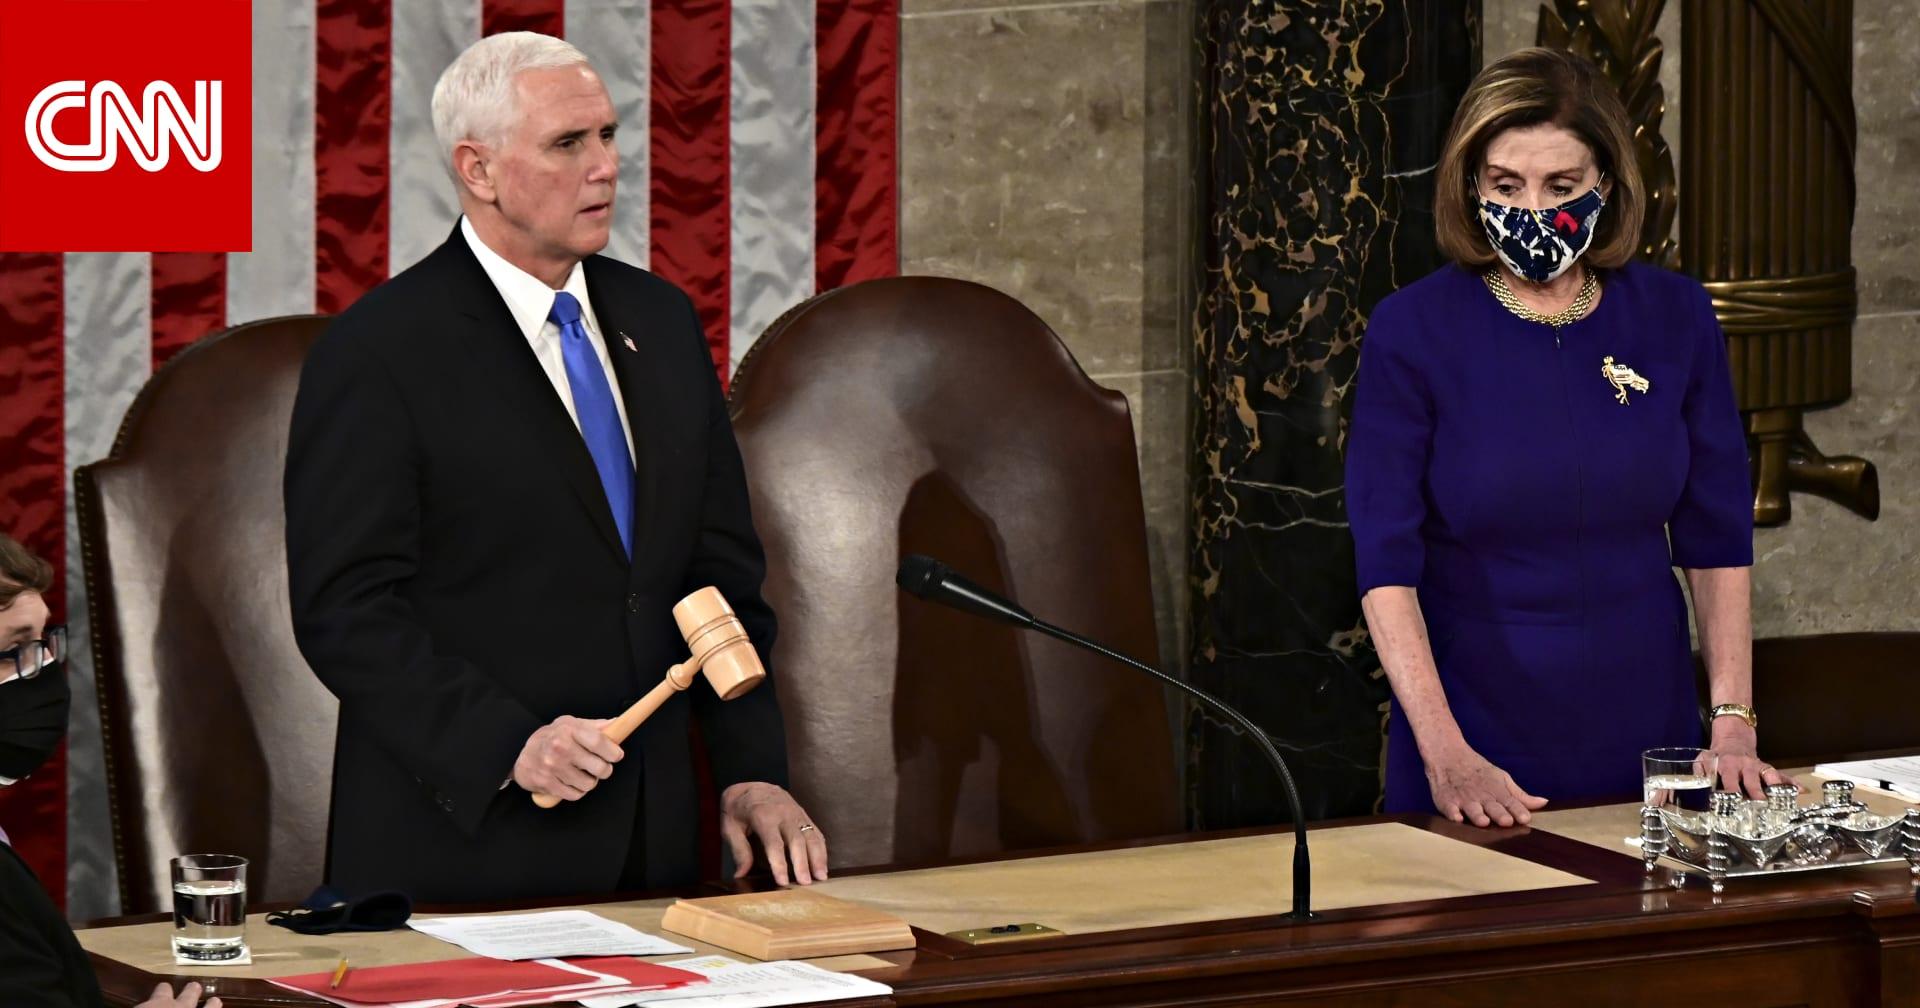 مايك بنس يرفض مطالبات ترامب: ليس من سلطتي تغيير نتائج الانتخابات